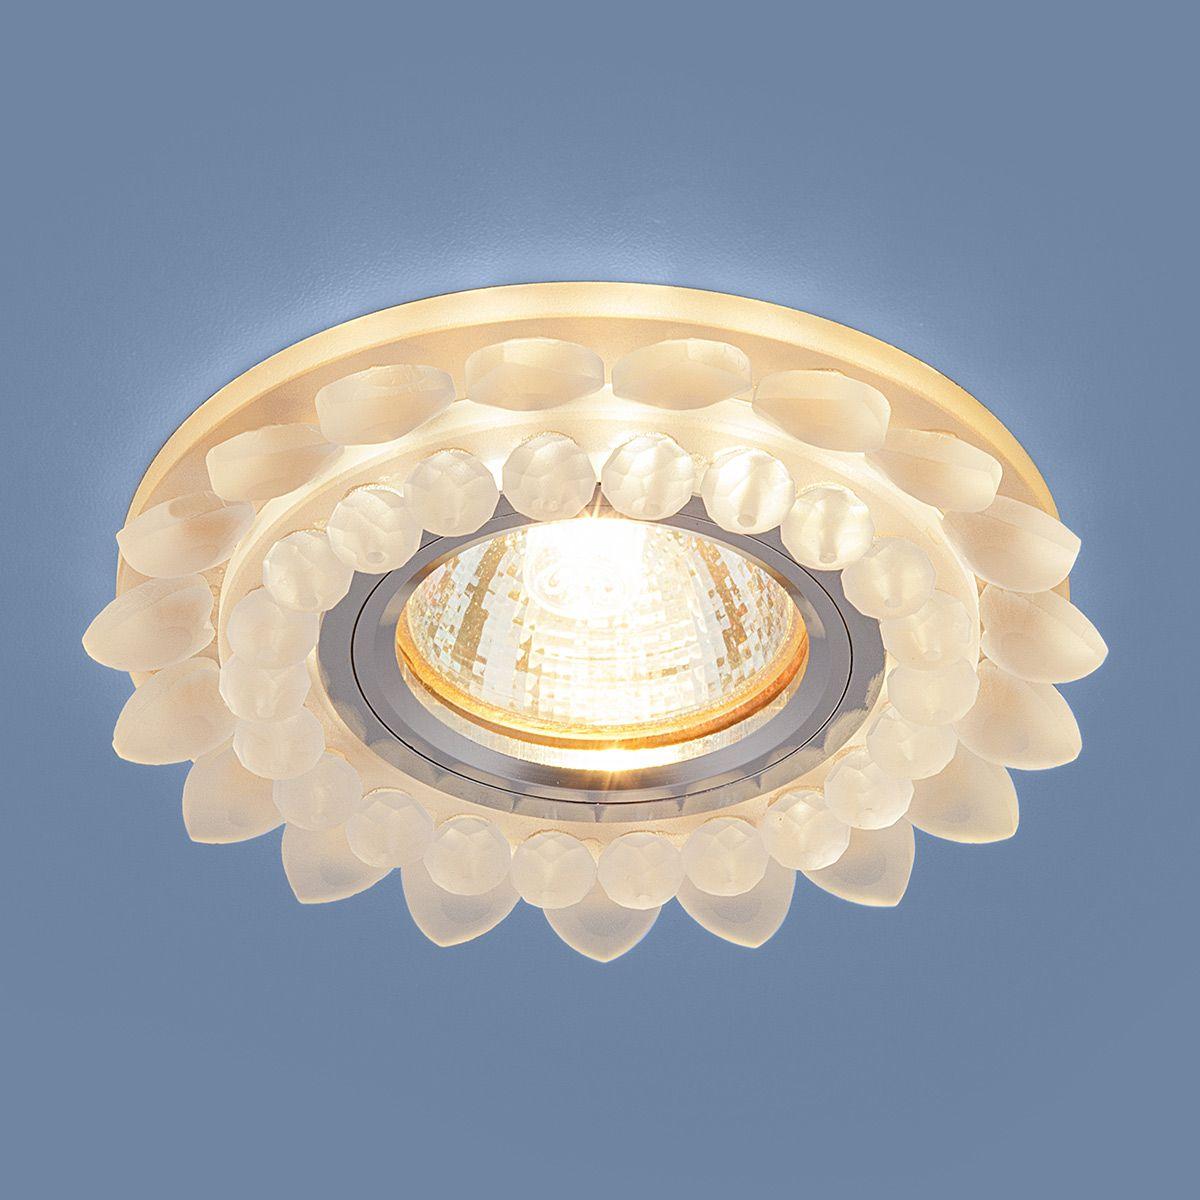 Точечный светильник с LED подсветкой 2208 MR16 Fruit Ice фруктовый лед